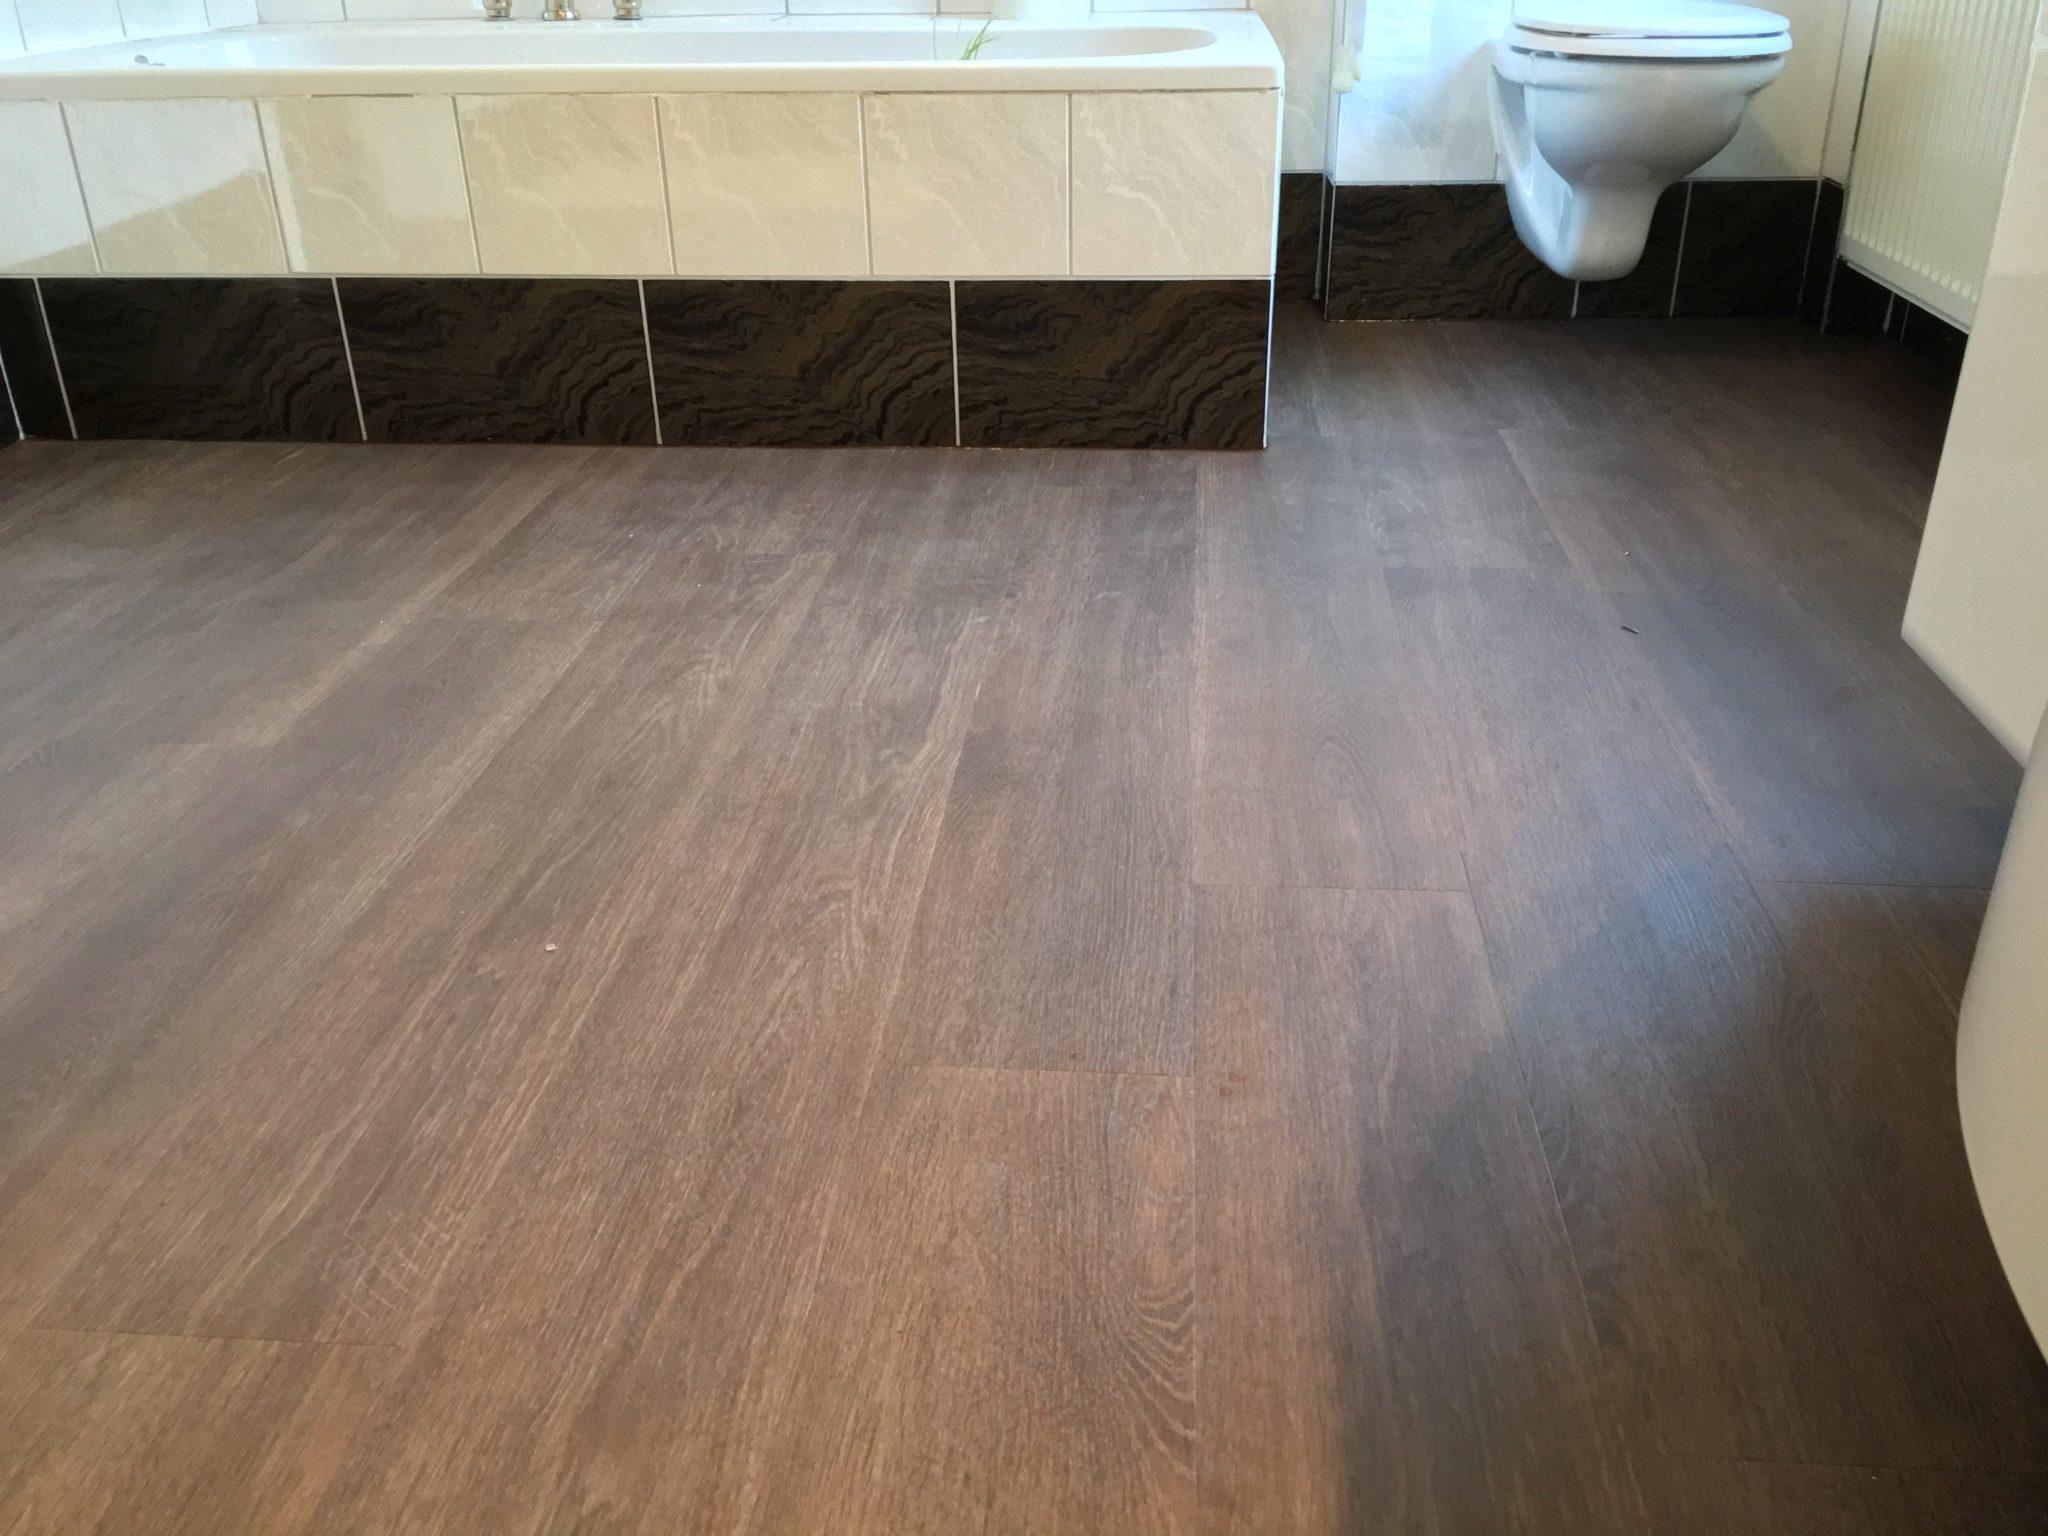 Fußboden Fliesen Renovieren ~ Fliesenboden renovieren schnell staubfrei trebes